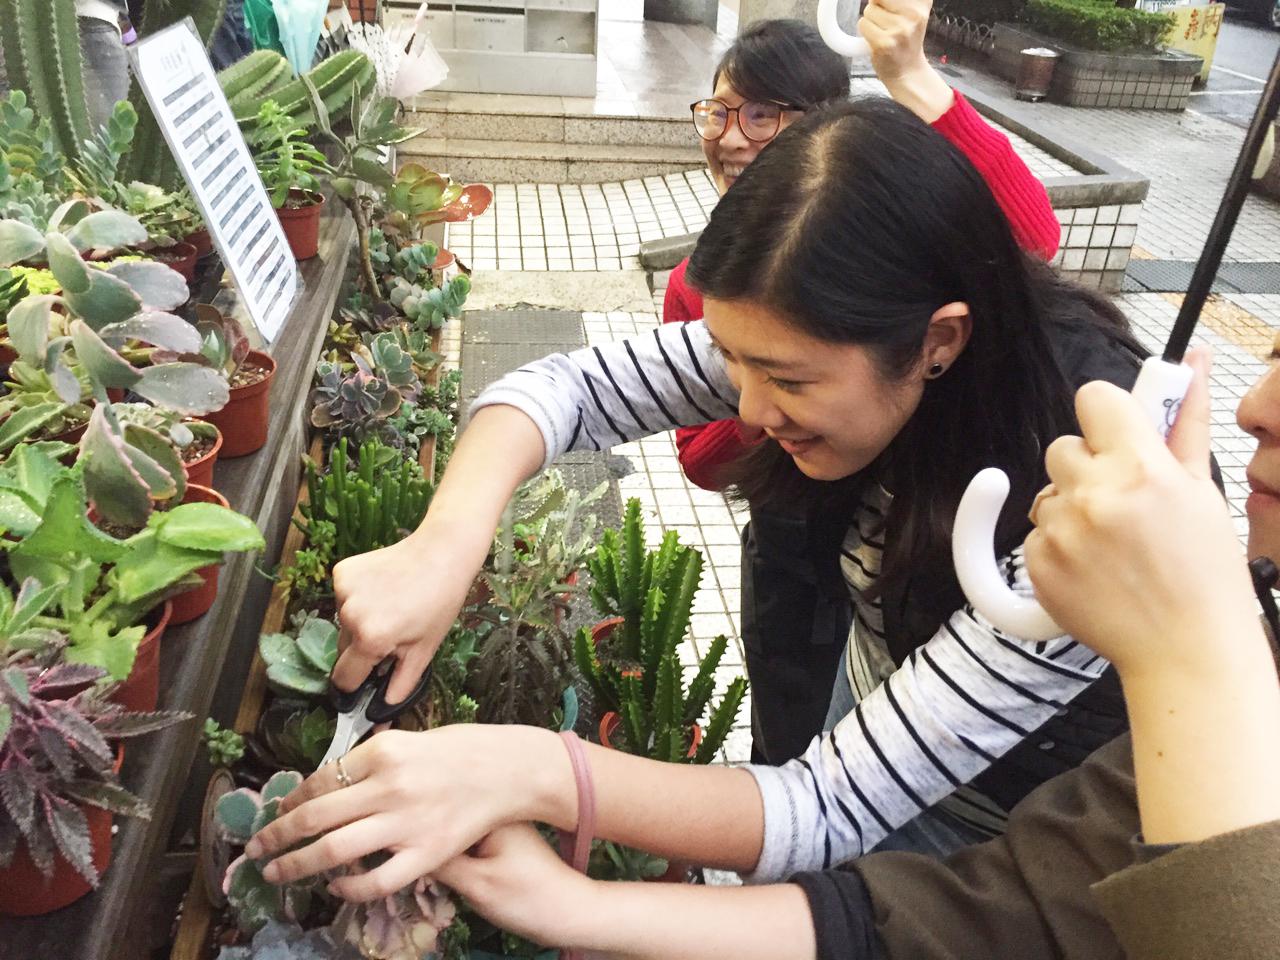 親手種植多肉植物,在企業活動裡是很特別的活動內容